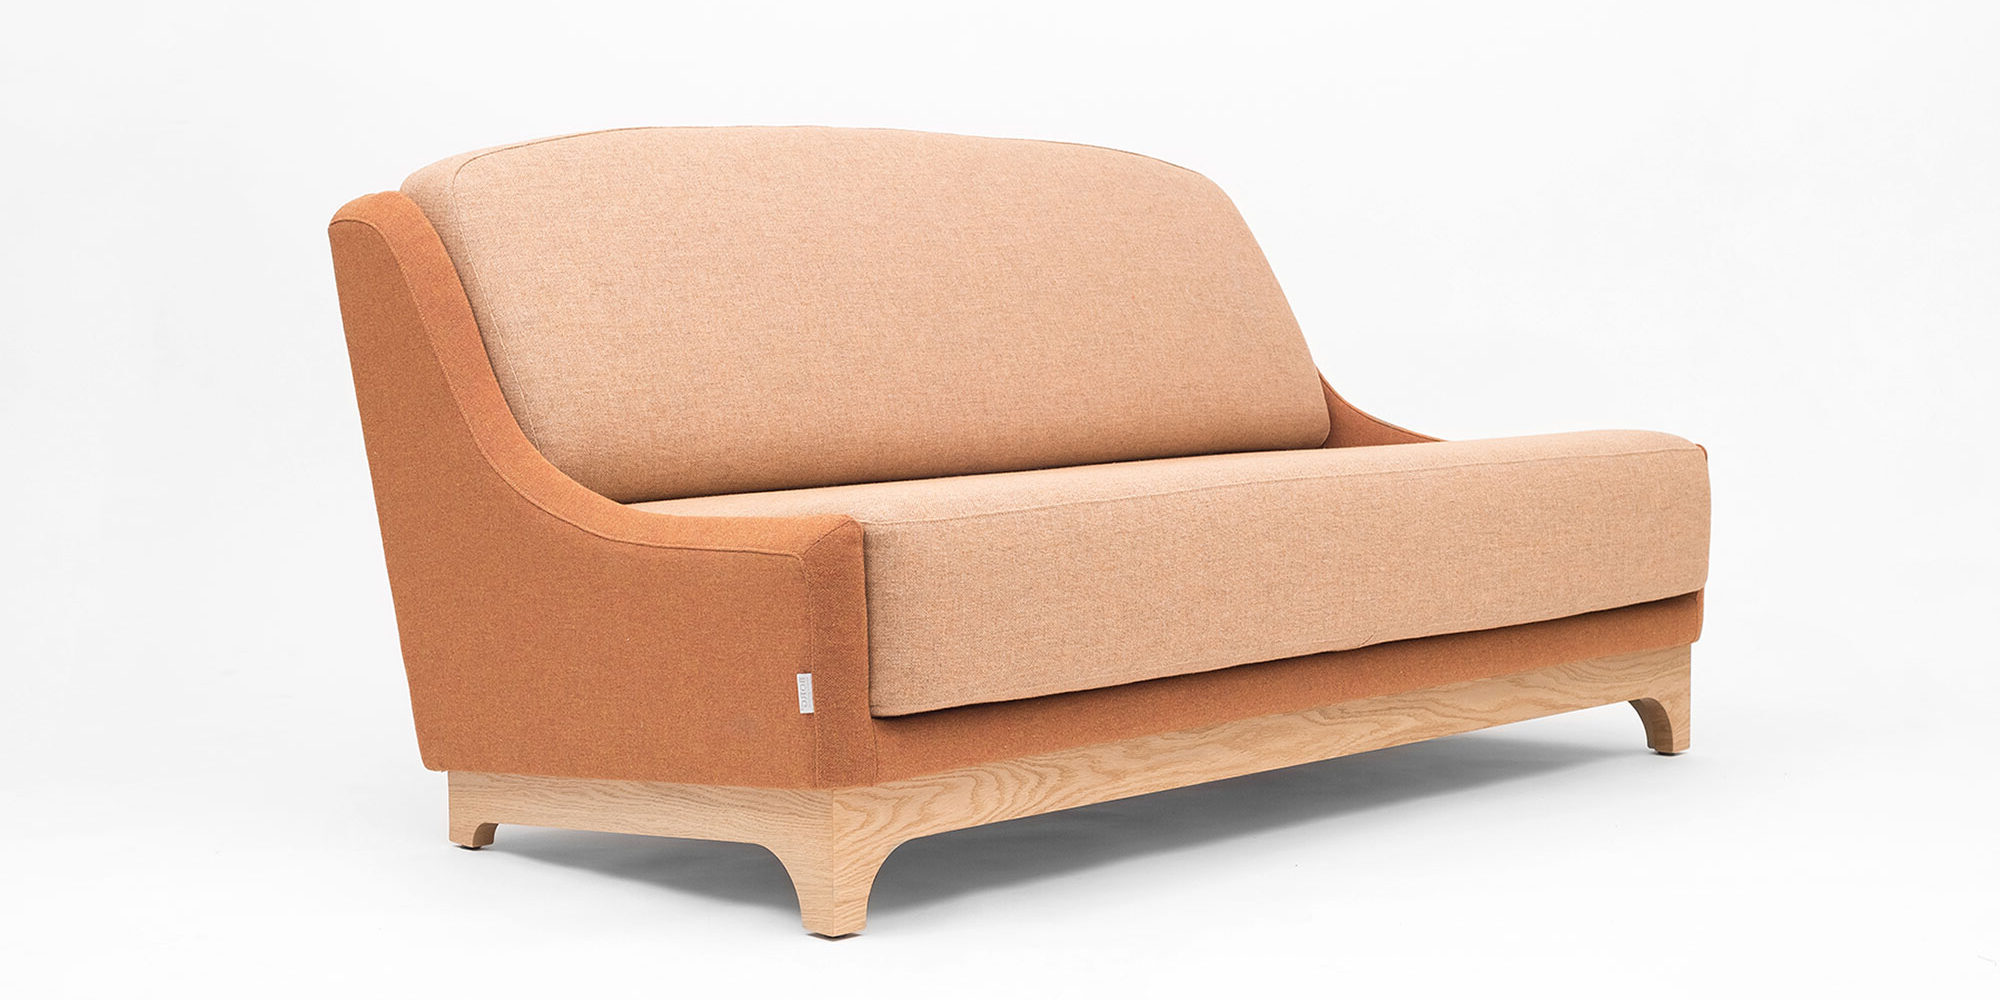 tuul-sofa-5680-2000px